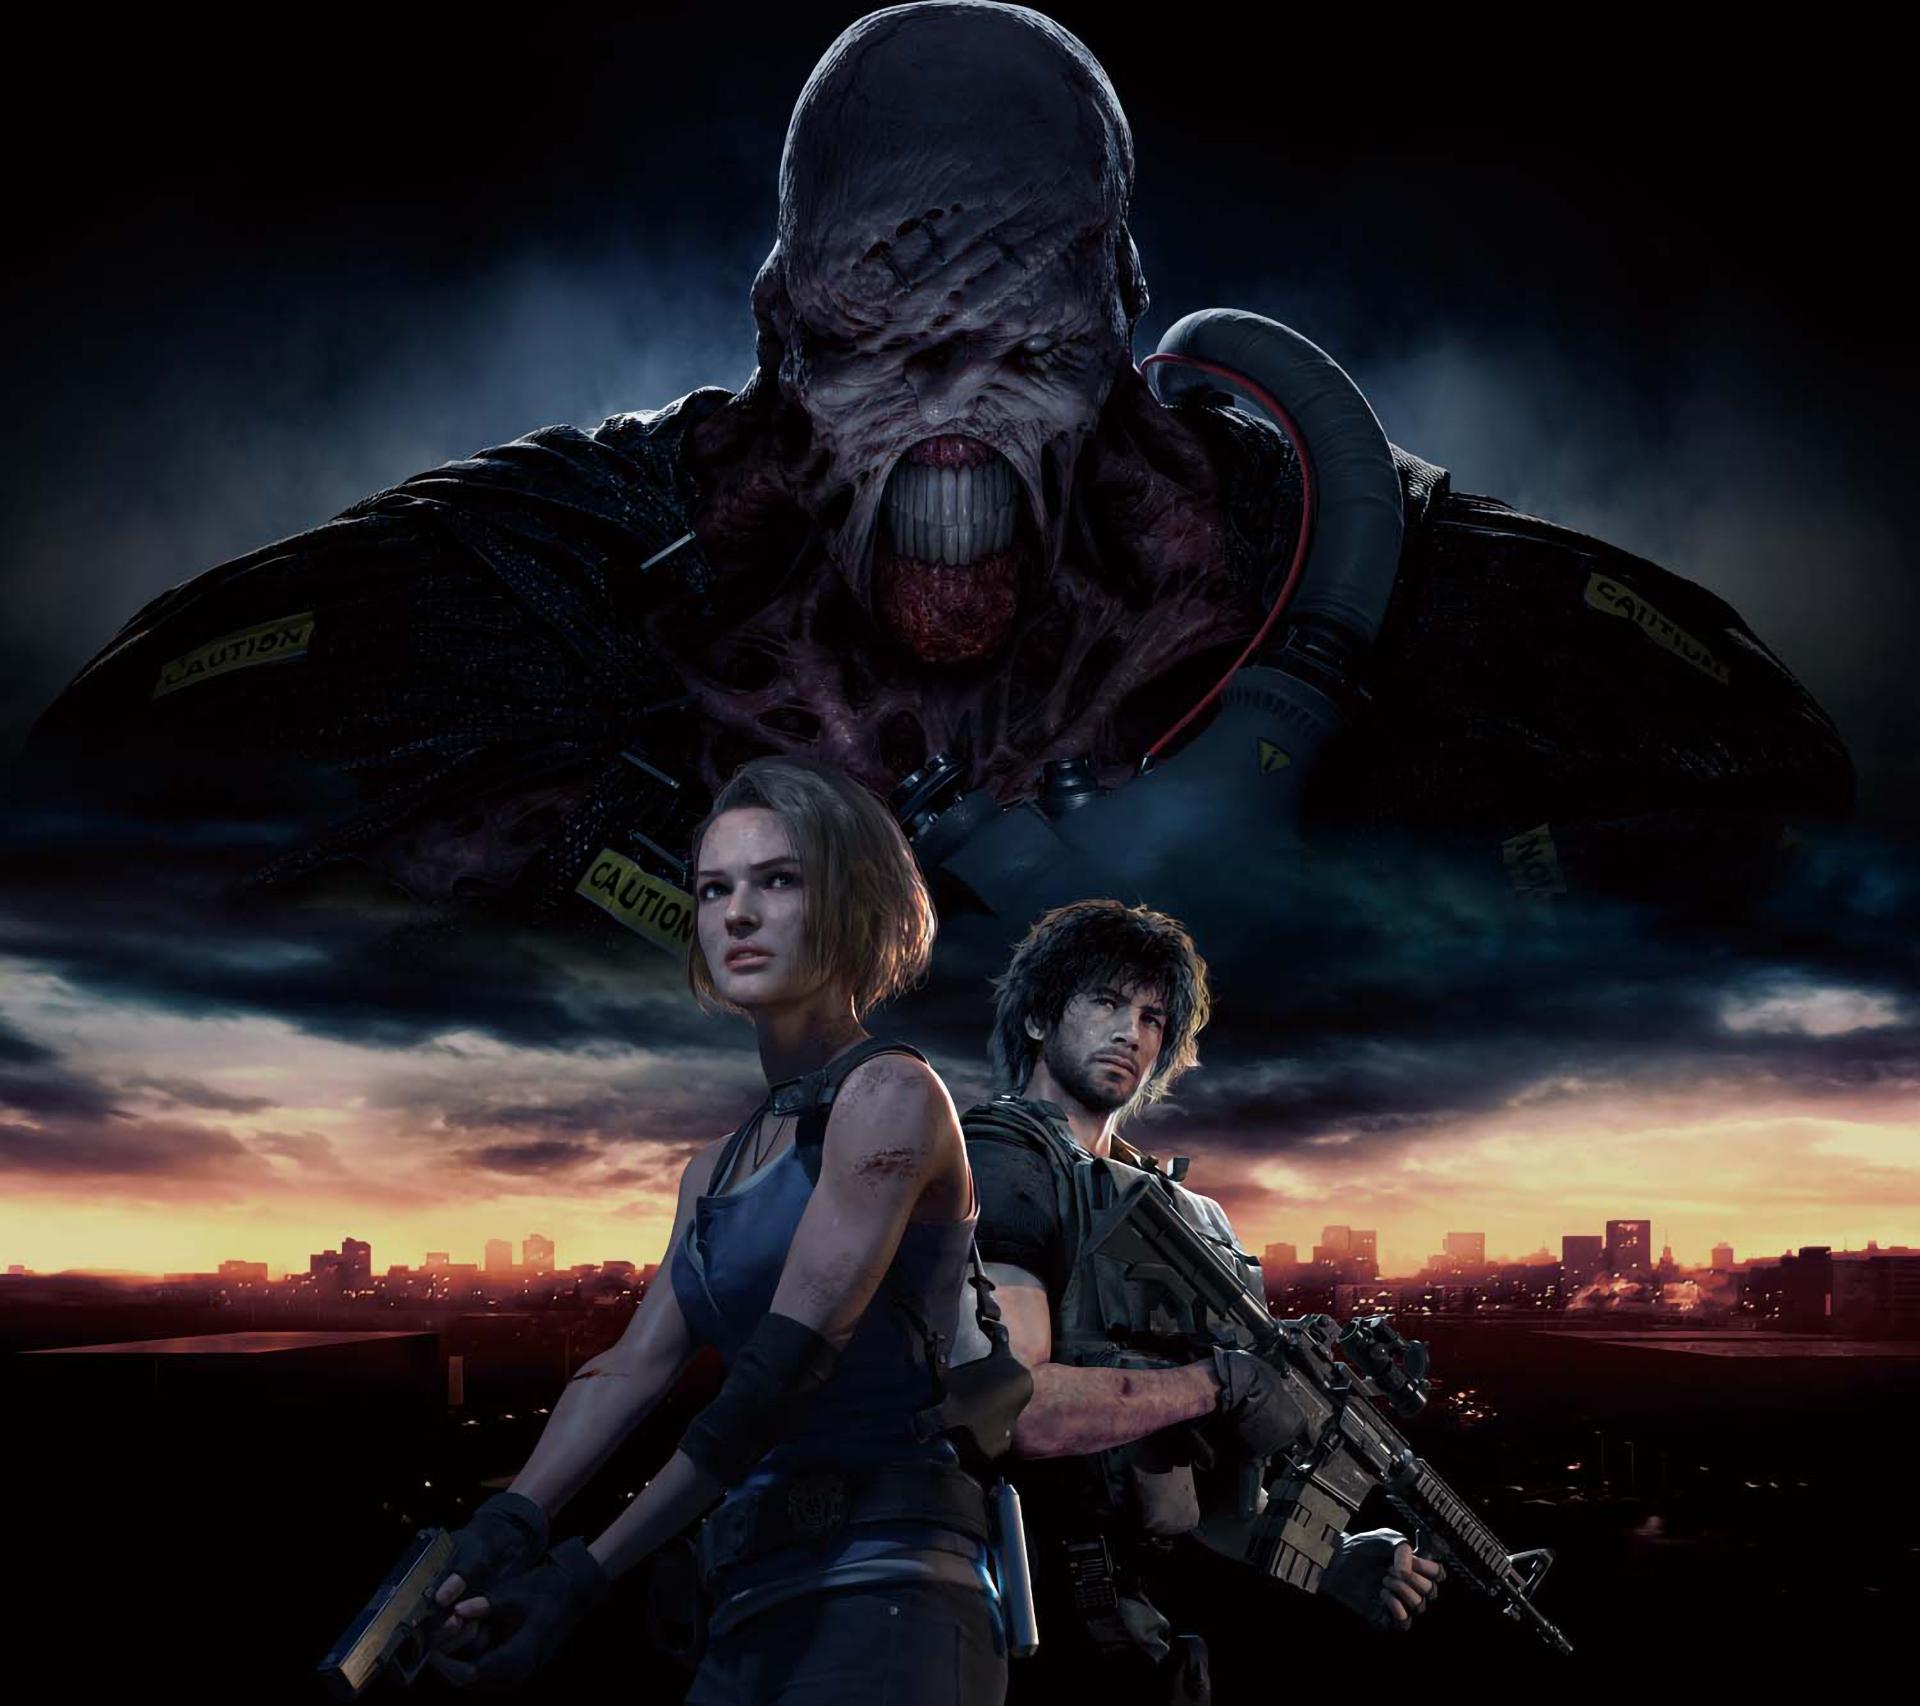 Resident Evil 3 Remake 2019 Wallpaper, HD Games 4K